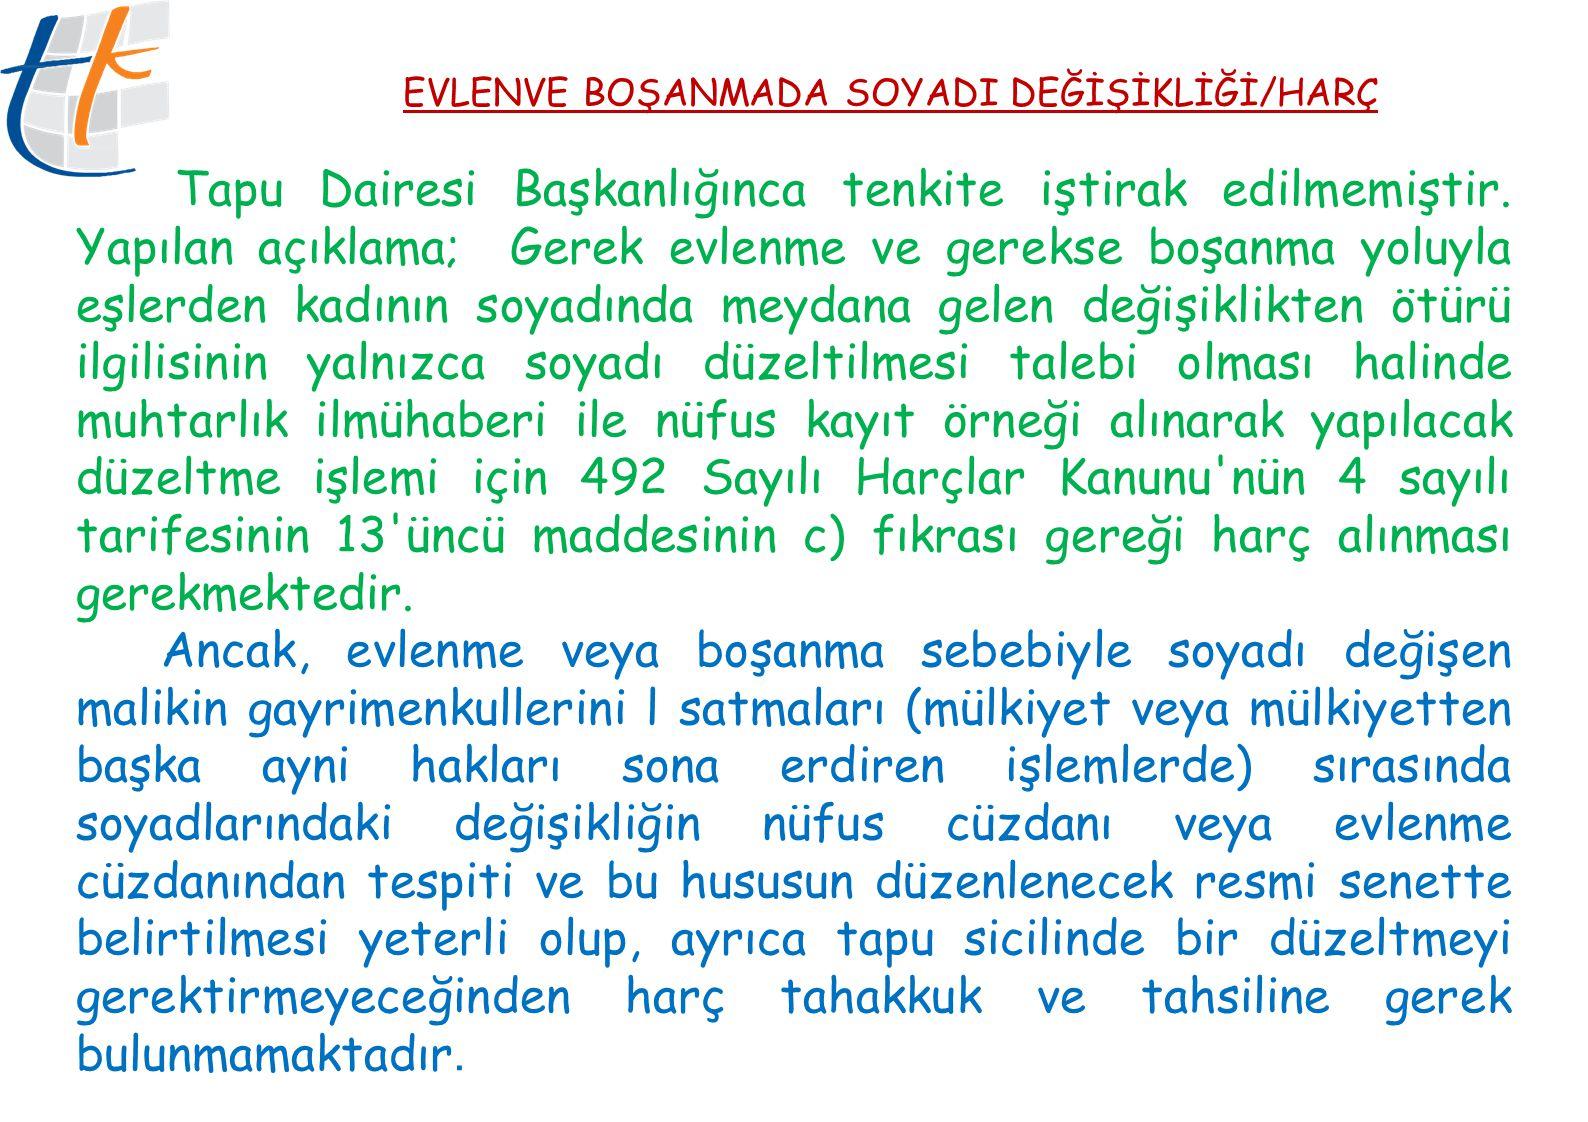 EVLENVE BOŞANMADA SOYADI DEĞİŞİKLİĞİ/HARÇ